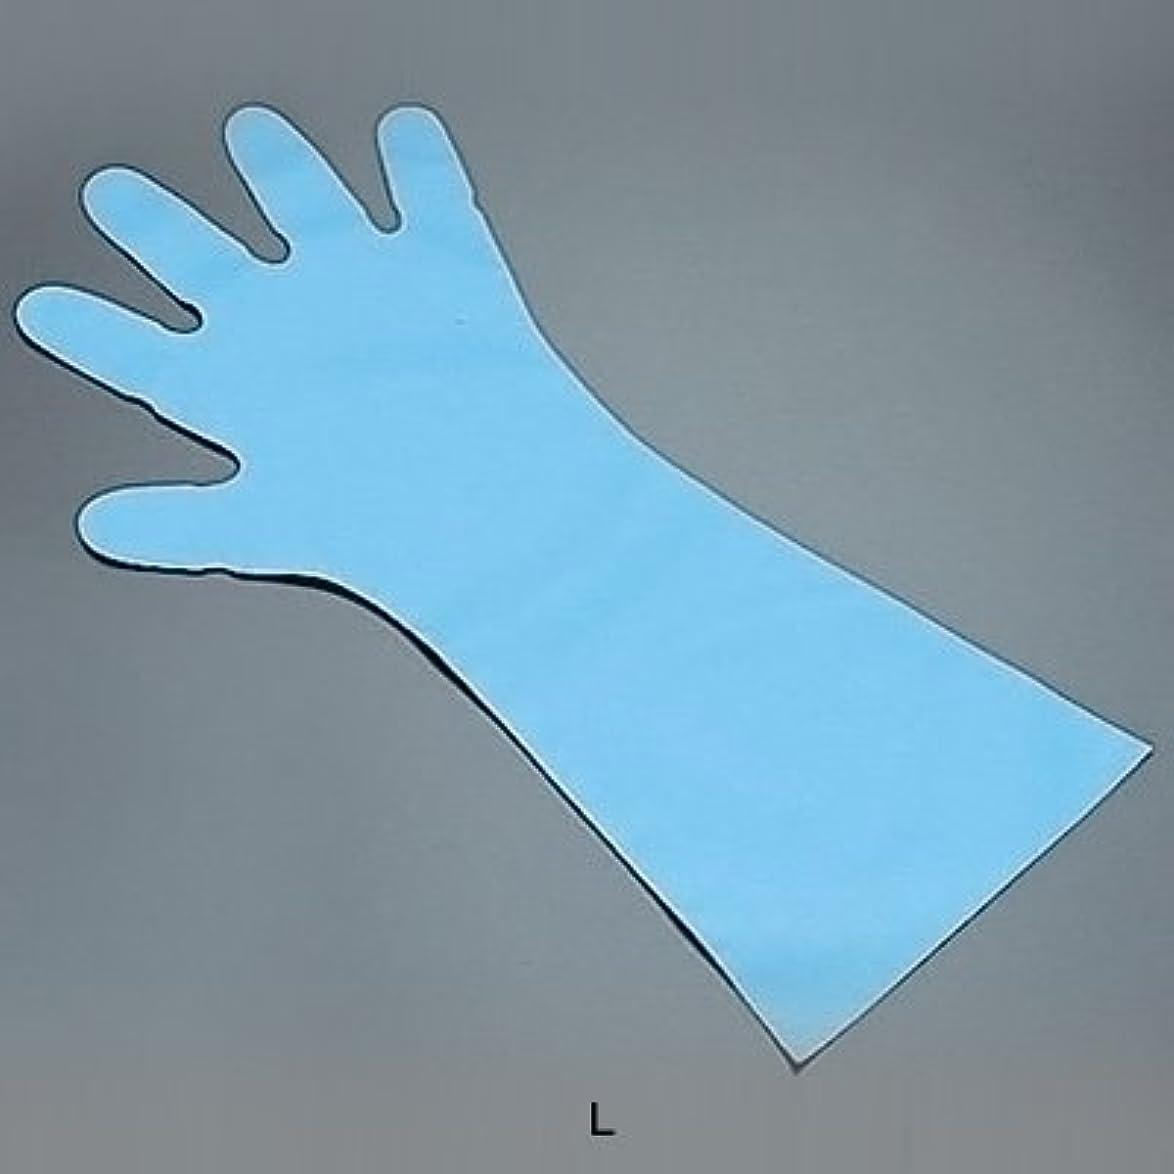 希少性子音枕エンボス手袋 五本絞り ロング#50 (1袋50枚入) L 全長45cm <ブルー>